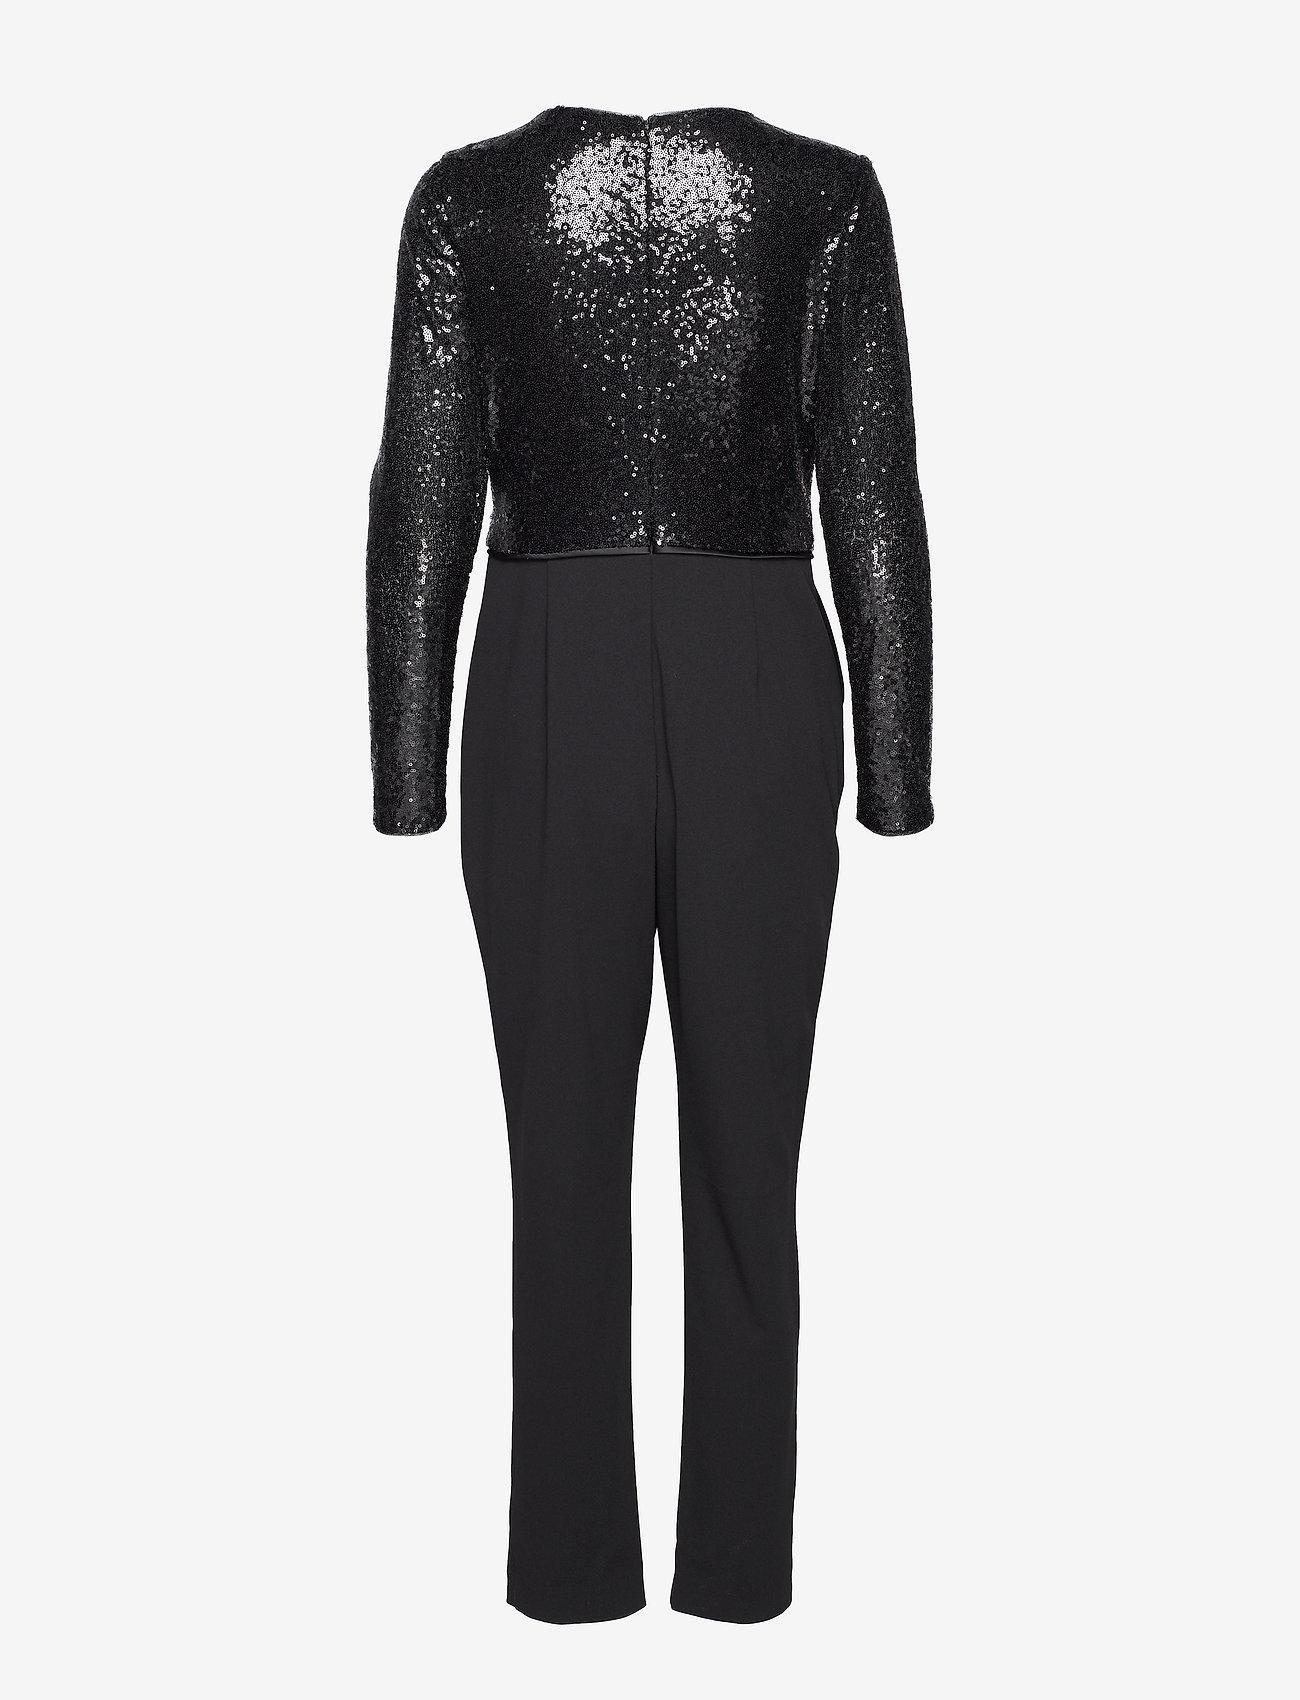 Luxe Tech Crepe-jumpsuit W/combo (Black) - Lauren Ralph Lauren 4zFTSo